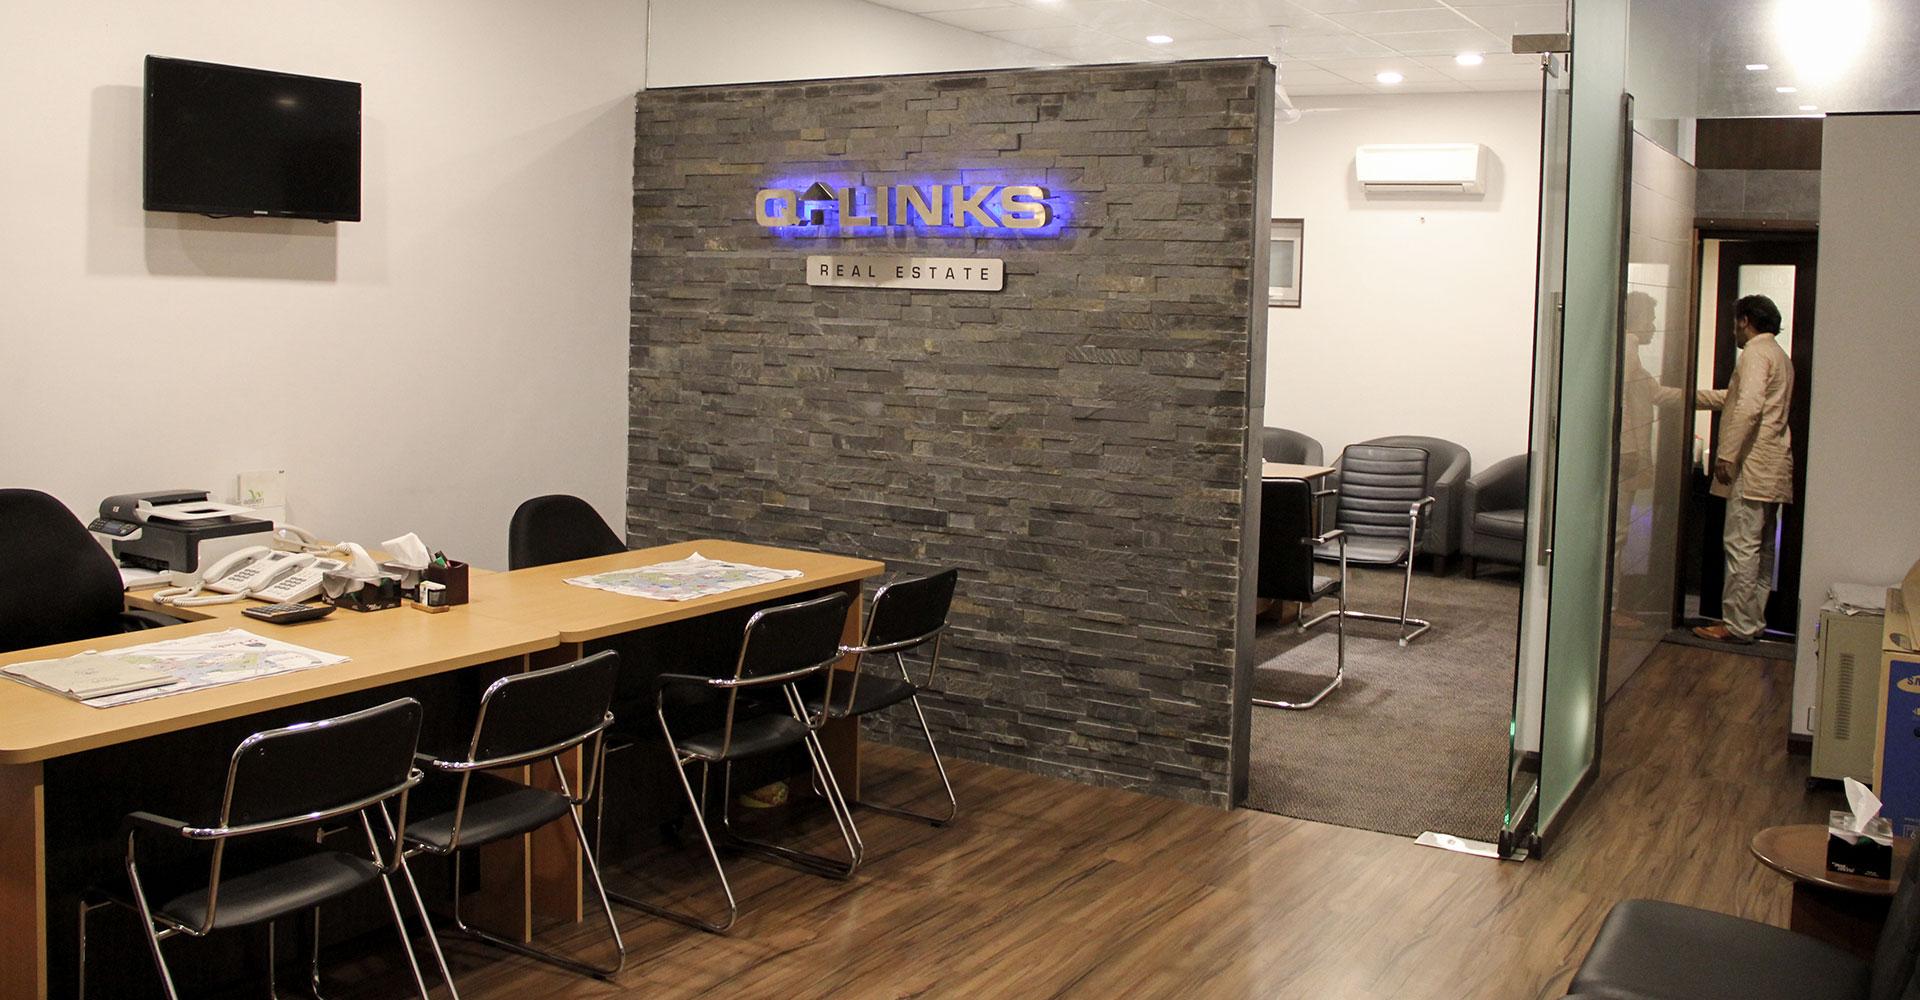 residential-restaurant-office-interior-design-hiline-lahore-portfolio-(q-links-marketing-office)(1000×1000)-01